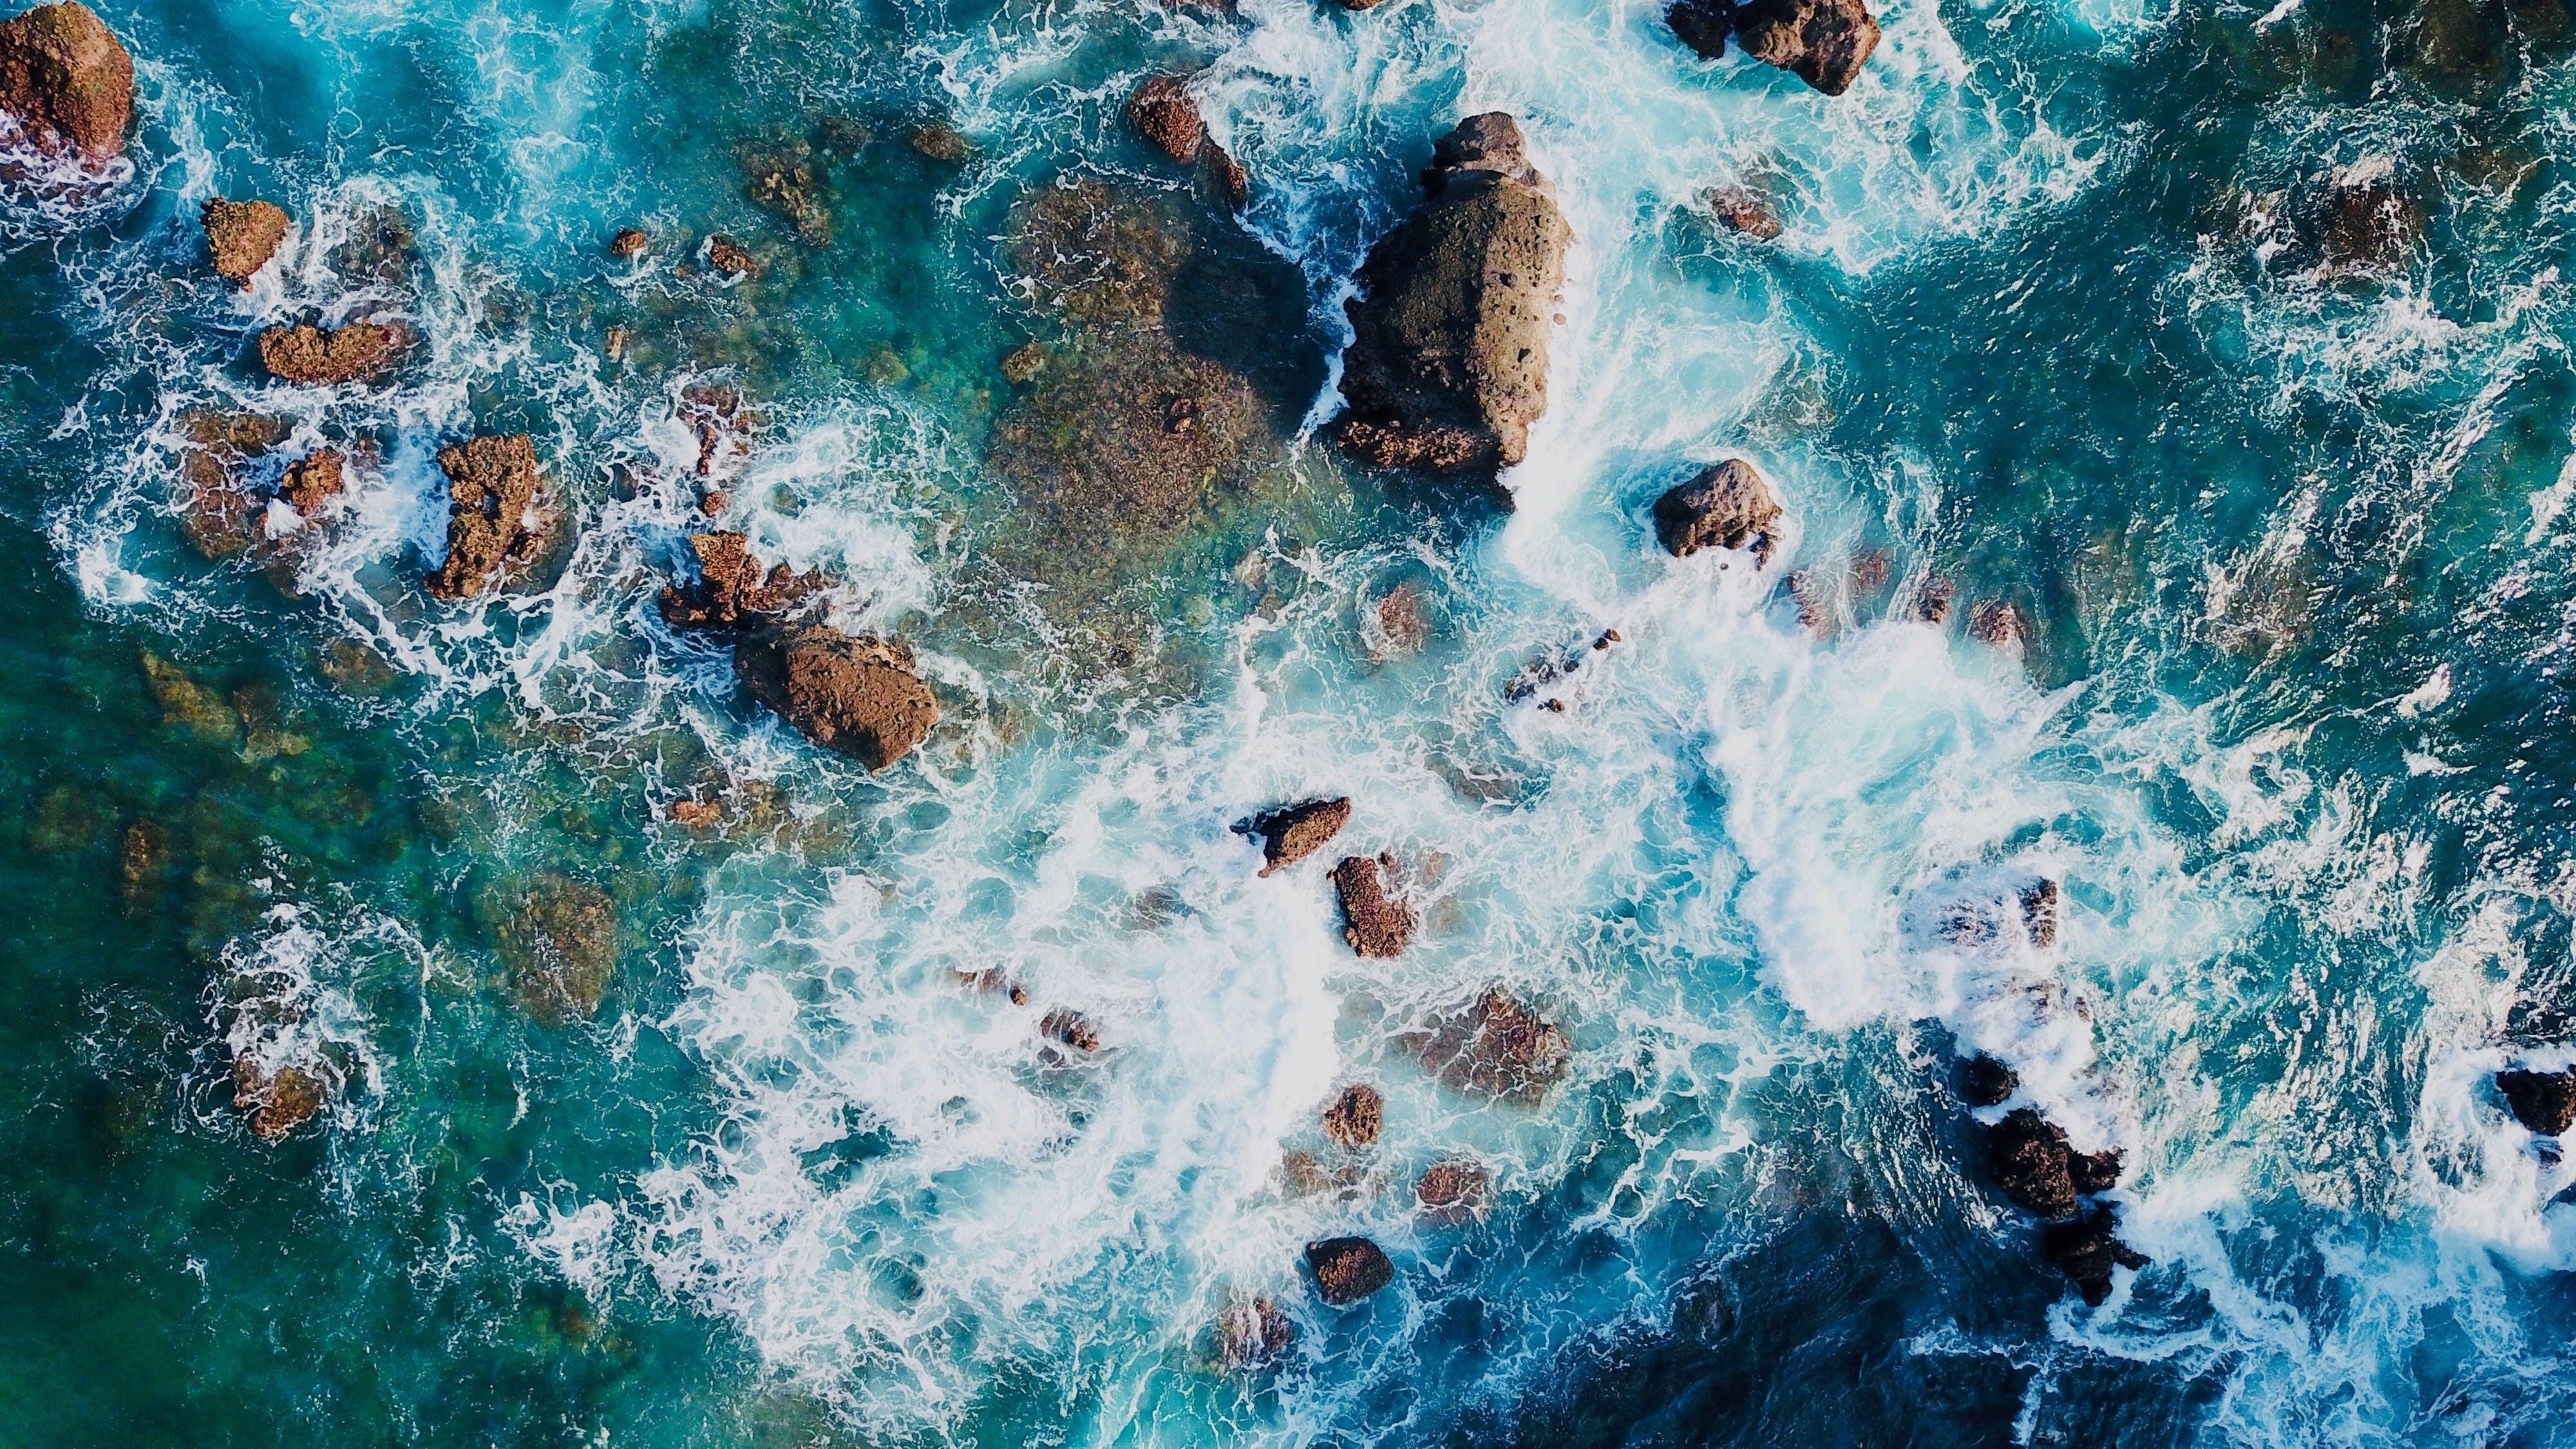 Základová fotografie zdarma na téma HD tapeta, kameny, letecký snímek, mac tapeta